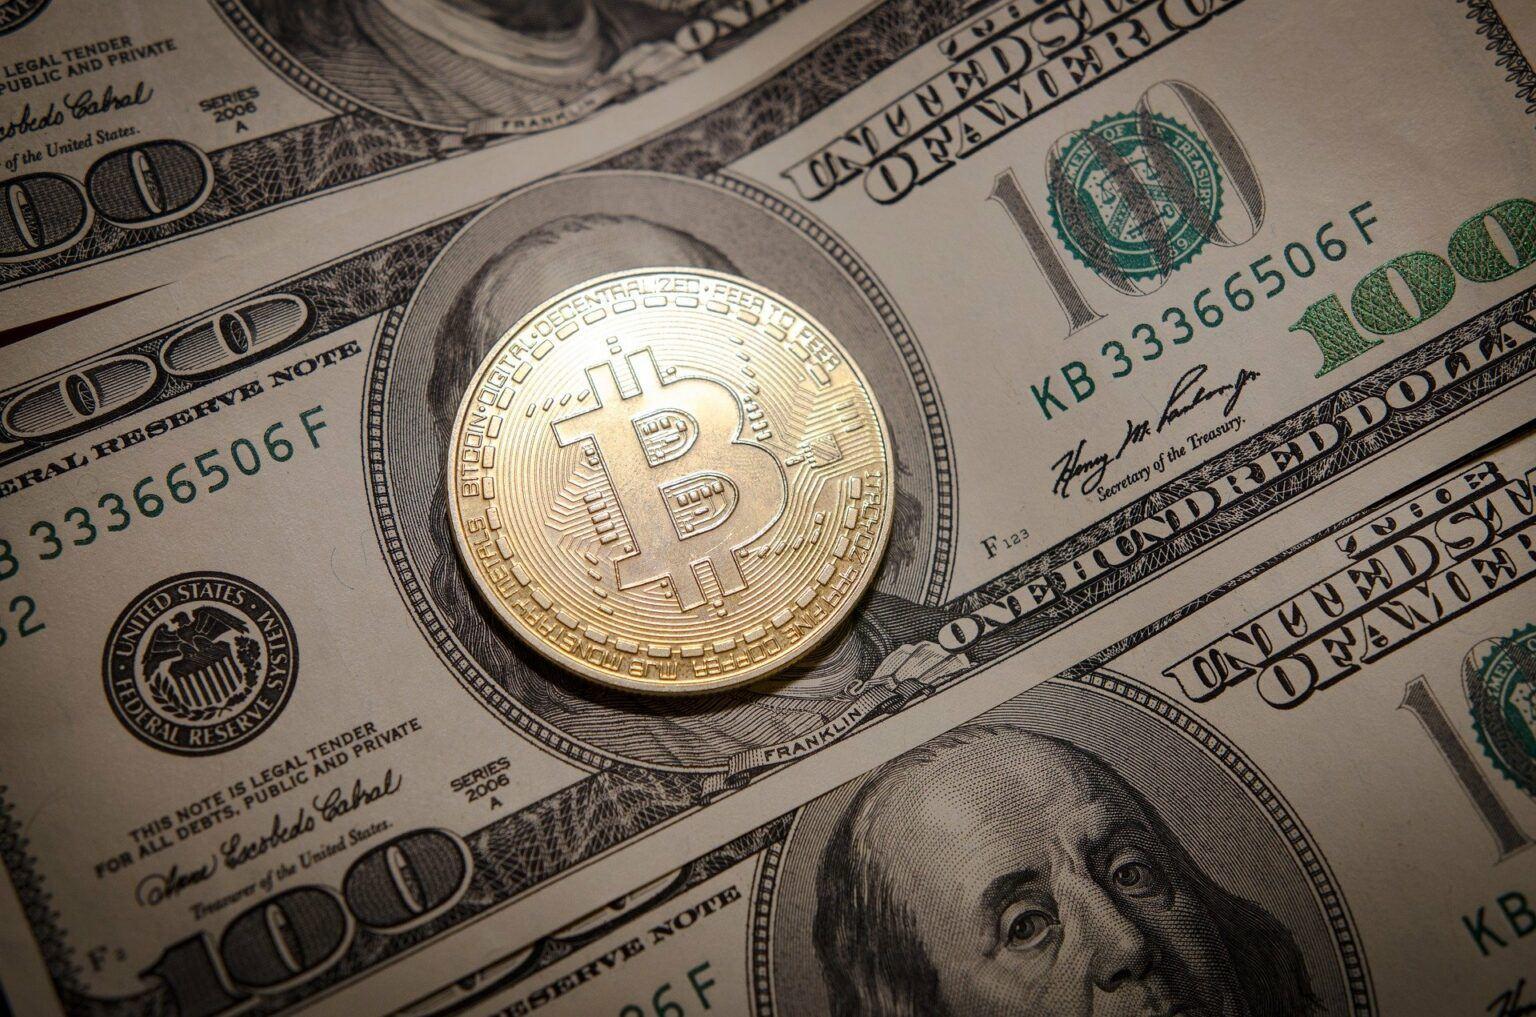 Giá bitcoin đã trượt 5% về mức dưới 56.000USD/BTC sau khi không phá vỡ được ngưỡng 60.000 USD/BTC vào ngày 21/3, khi một số dấu hiệu giảm giá xuất hiện